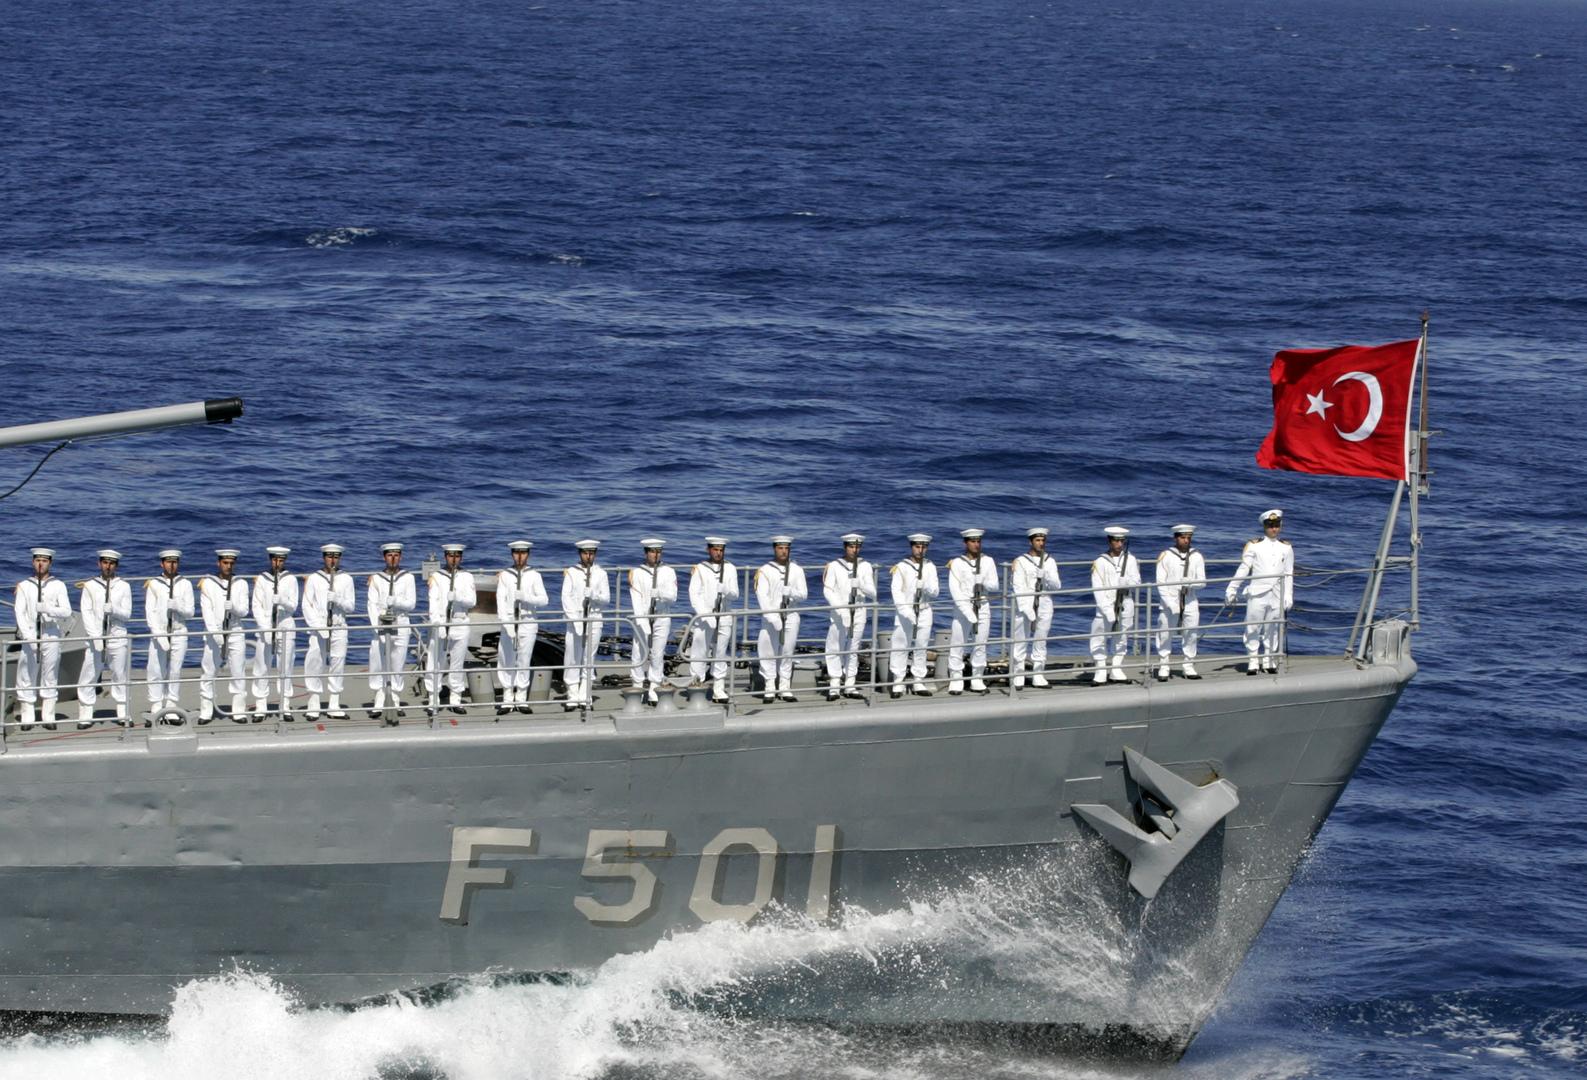 تركيا تستعد لمناورات بحرية ضخمة قبالة 3 مناطق من السواحل الليبية!